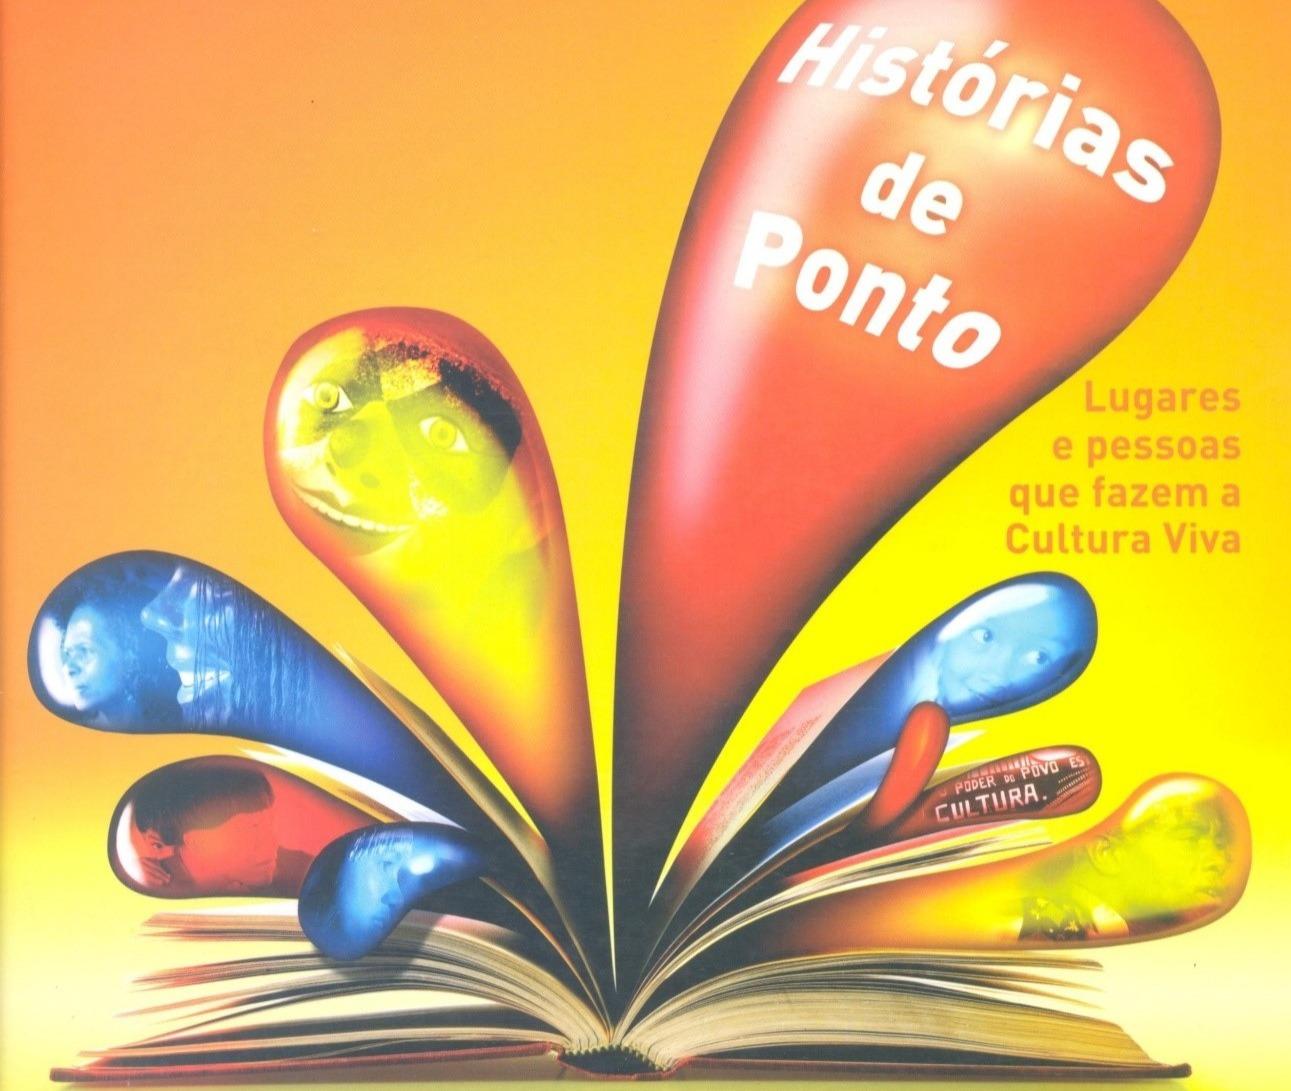 2009 - Prêmio Cultura Viva